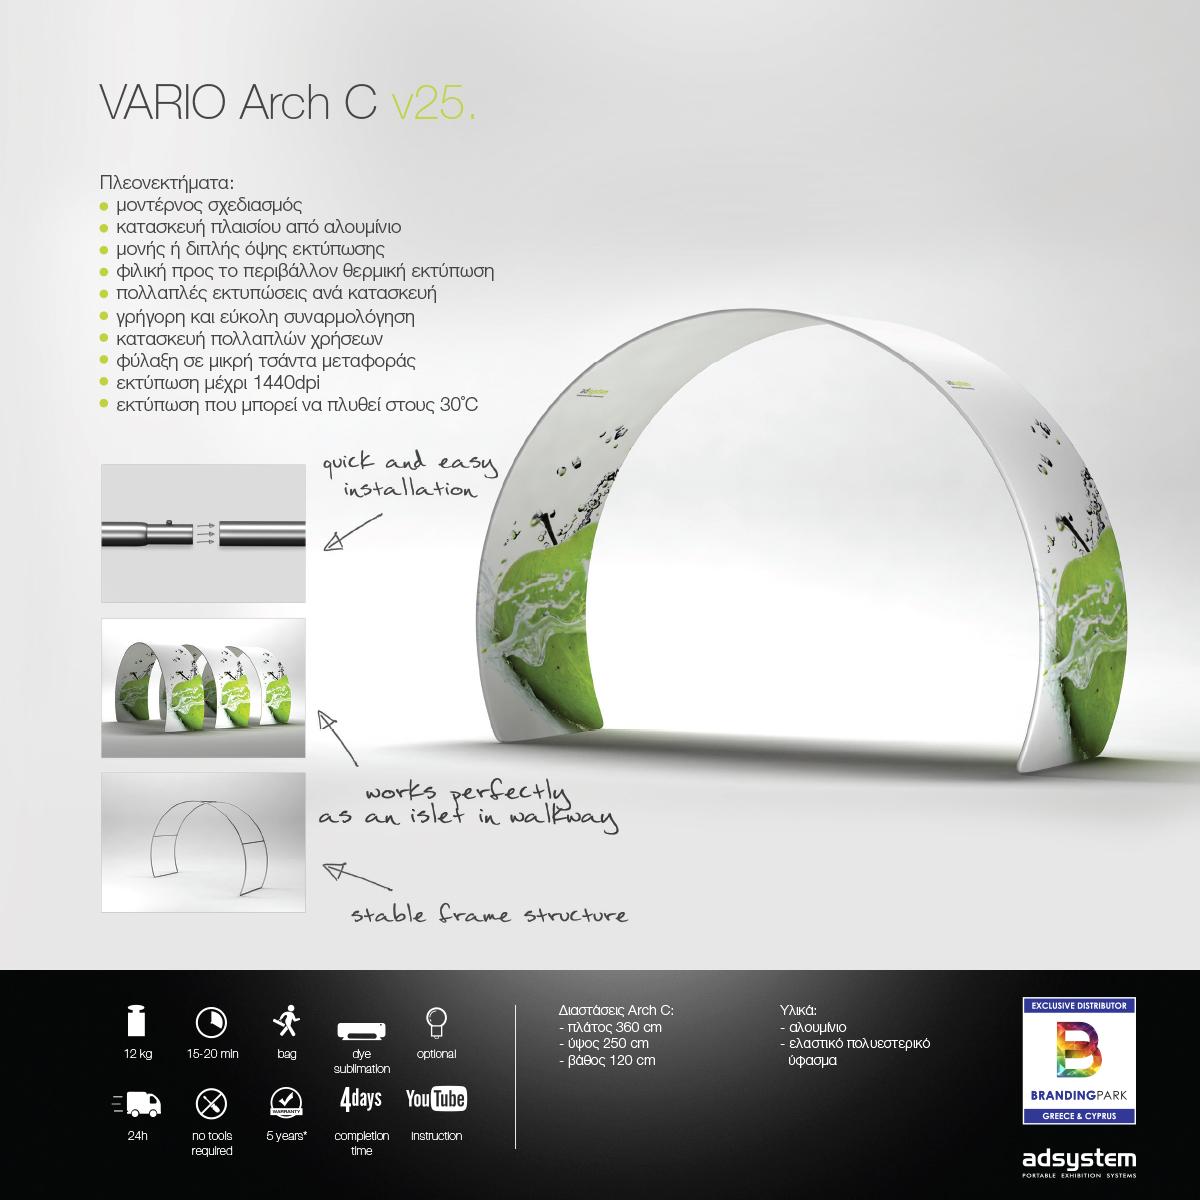 Υφασμάτινη αψίδα - VARIO Arch C v25.